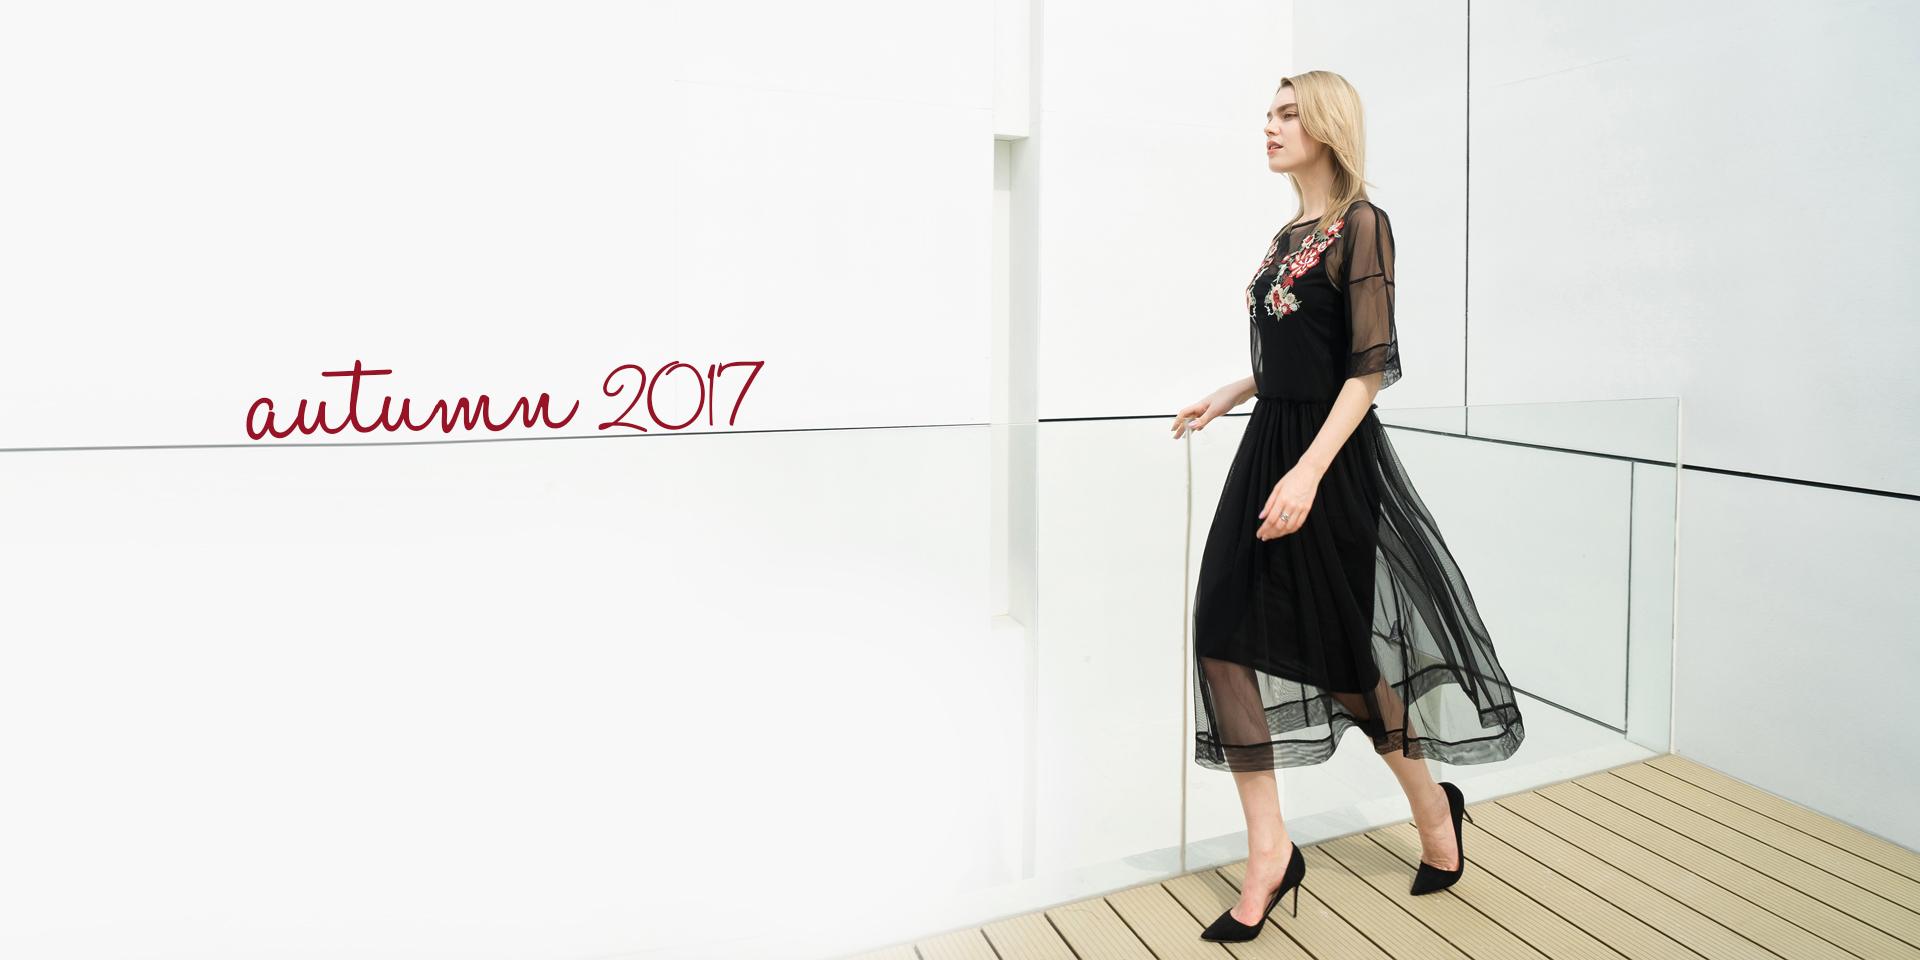 banner_autumn2017